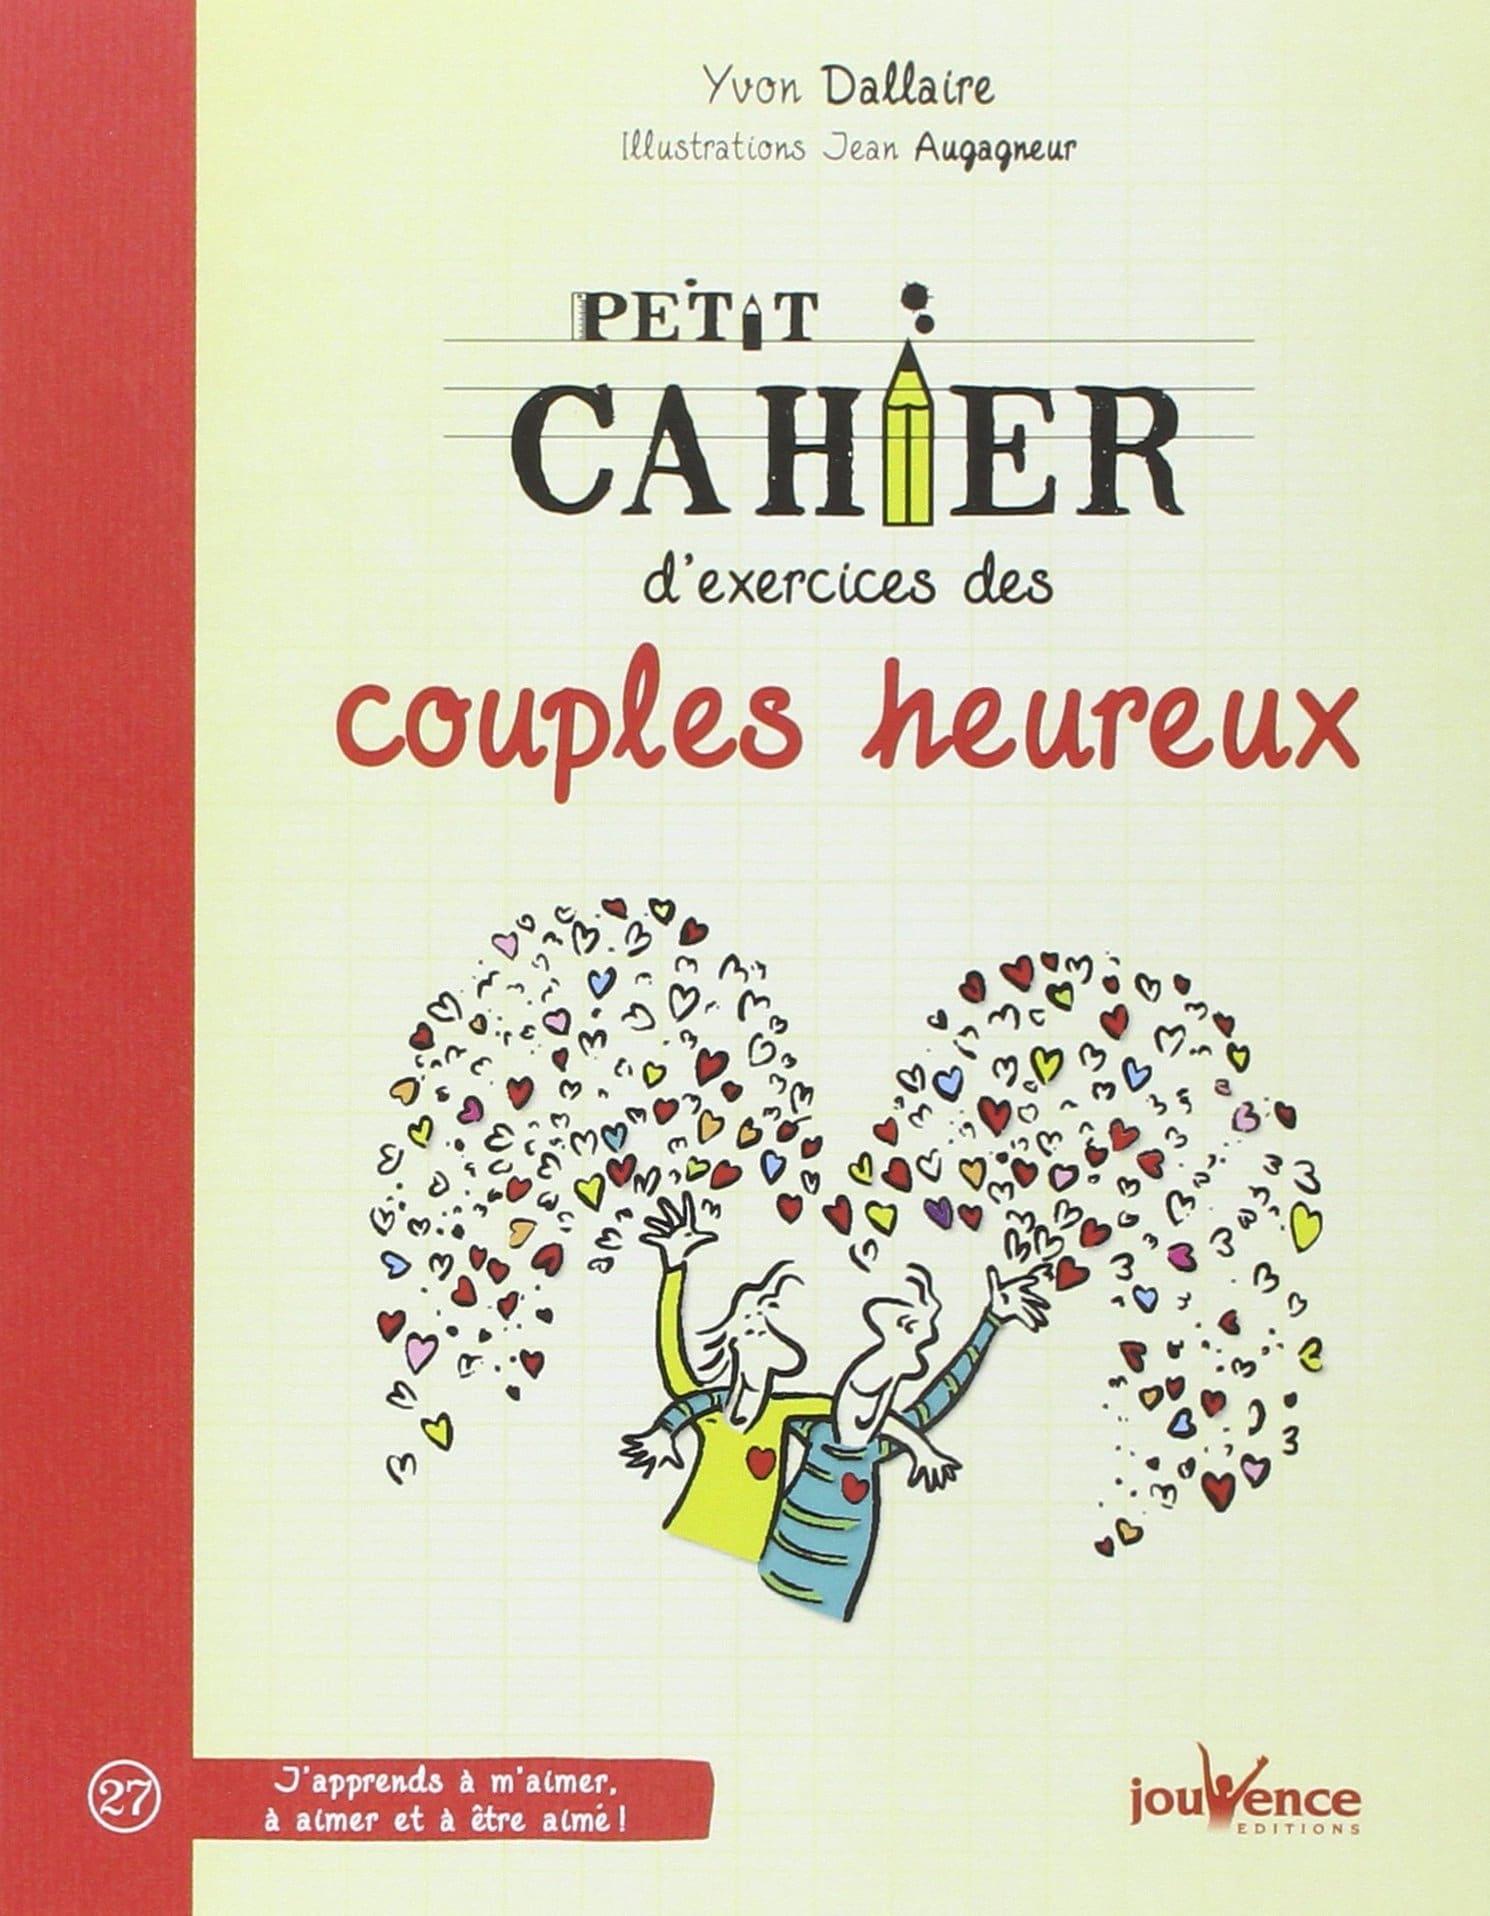 Cahier des couples heureux, livre insolite pour la Saint Valentin